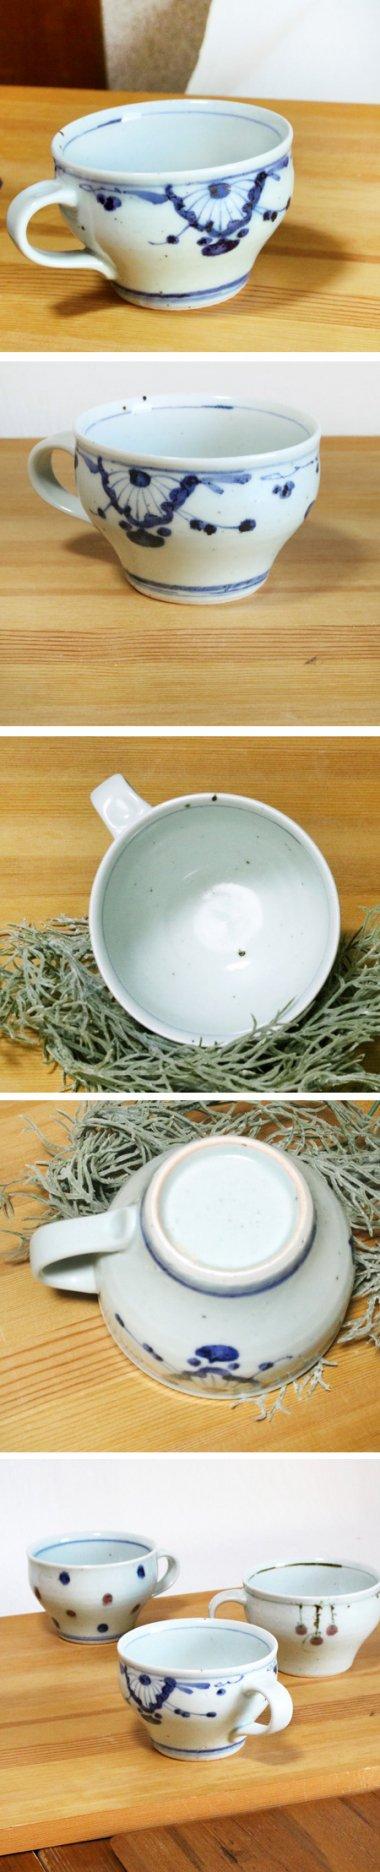 中田窯,径約10.8cm×高約7.3cm,磁器(荒土)